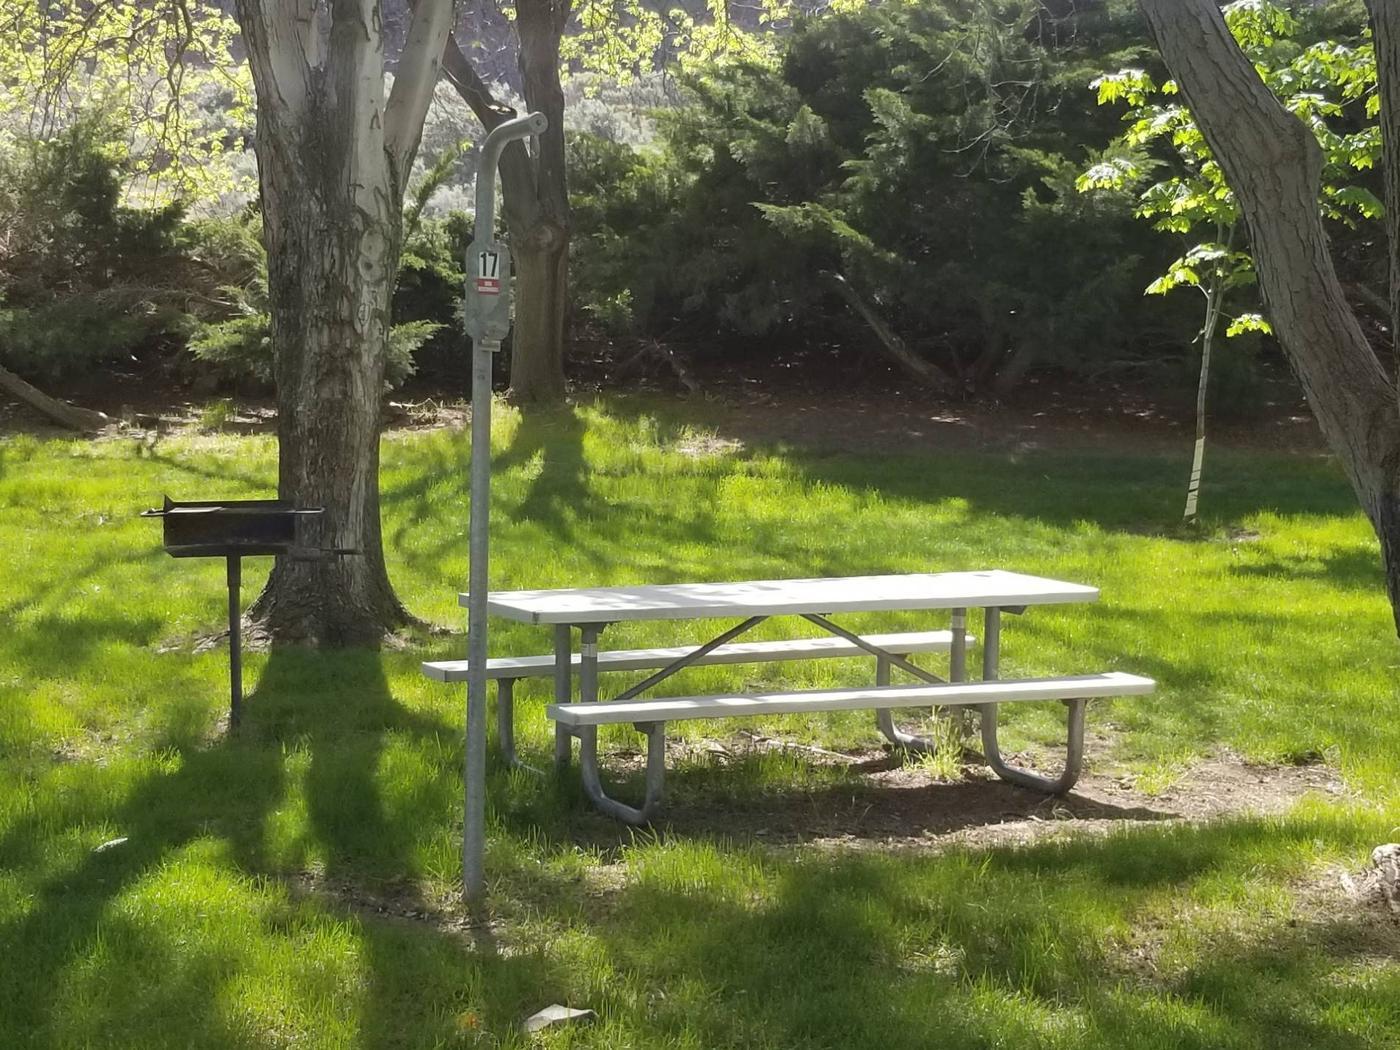 LePage T17LePage Park Tent Site 17